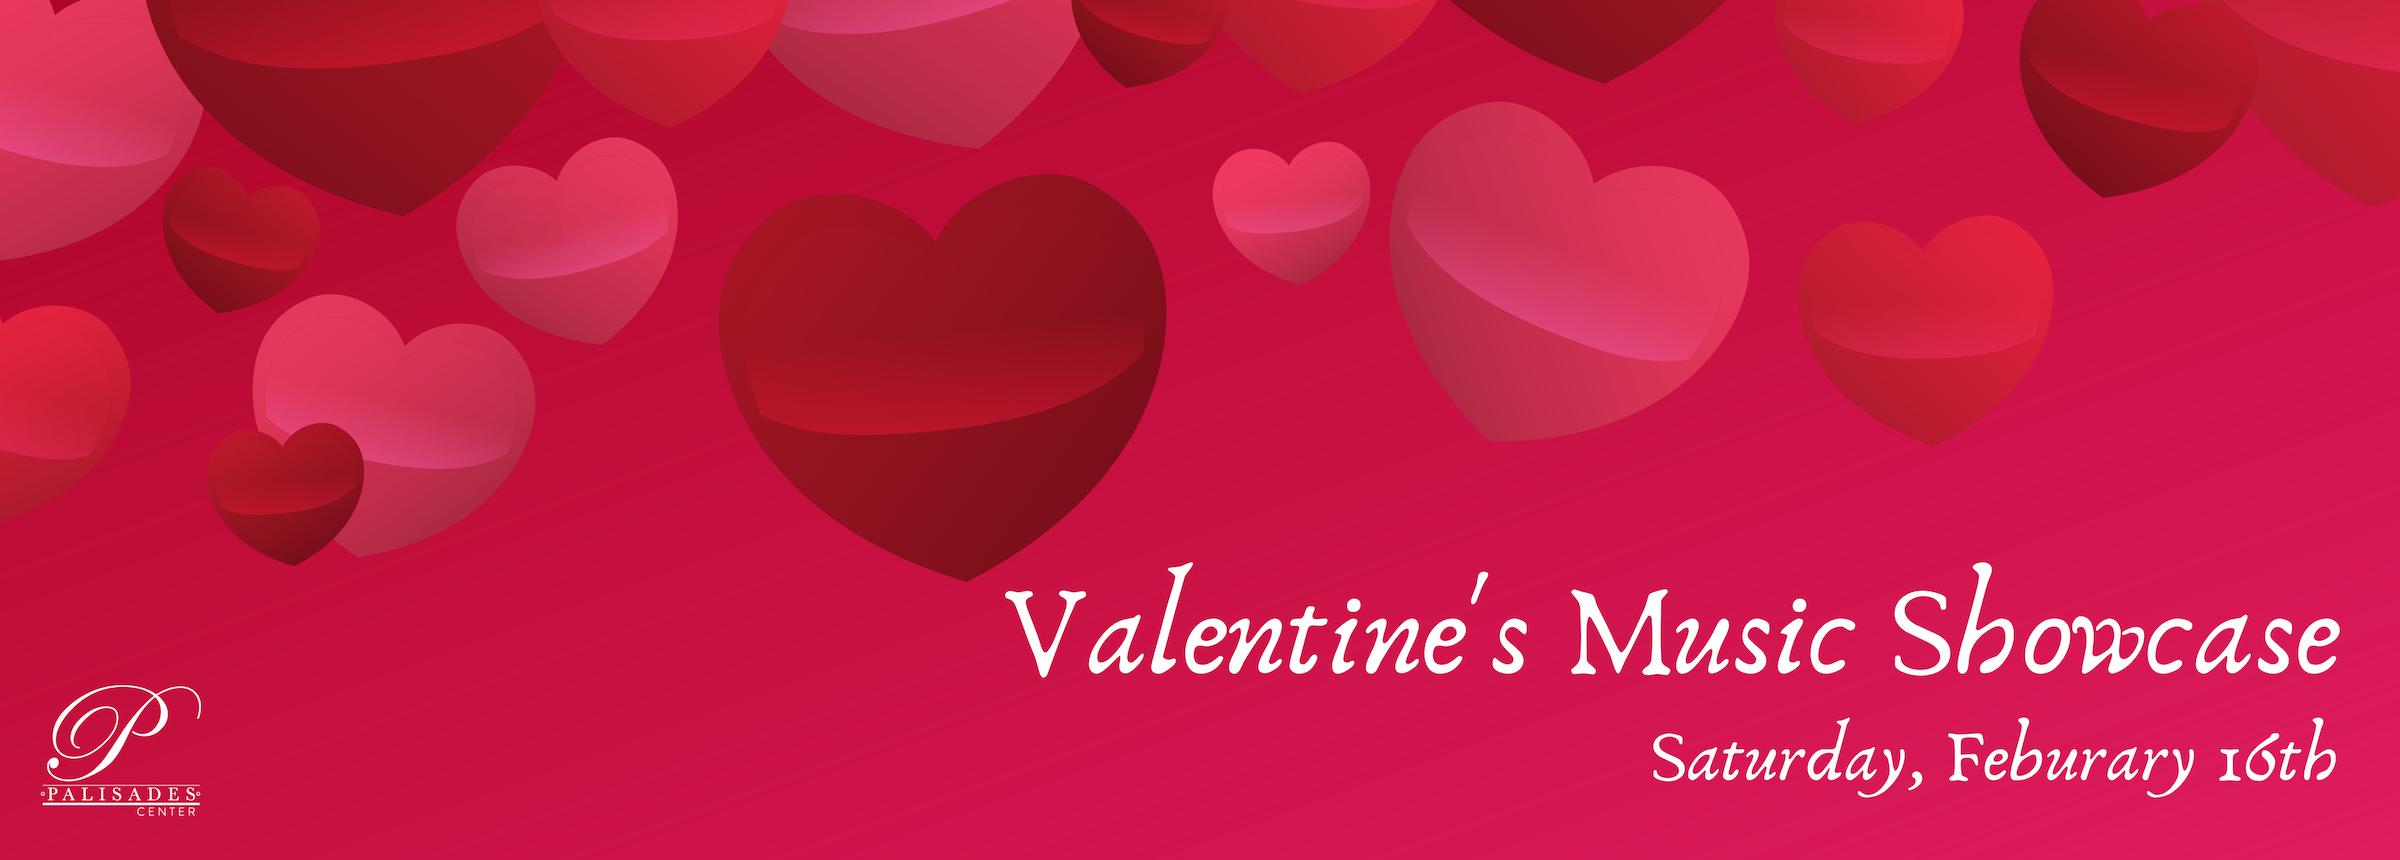 Valentine's Showcase 2019 Slider